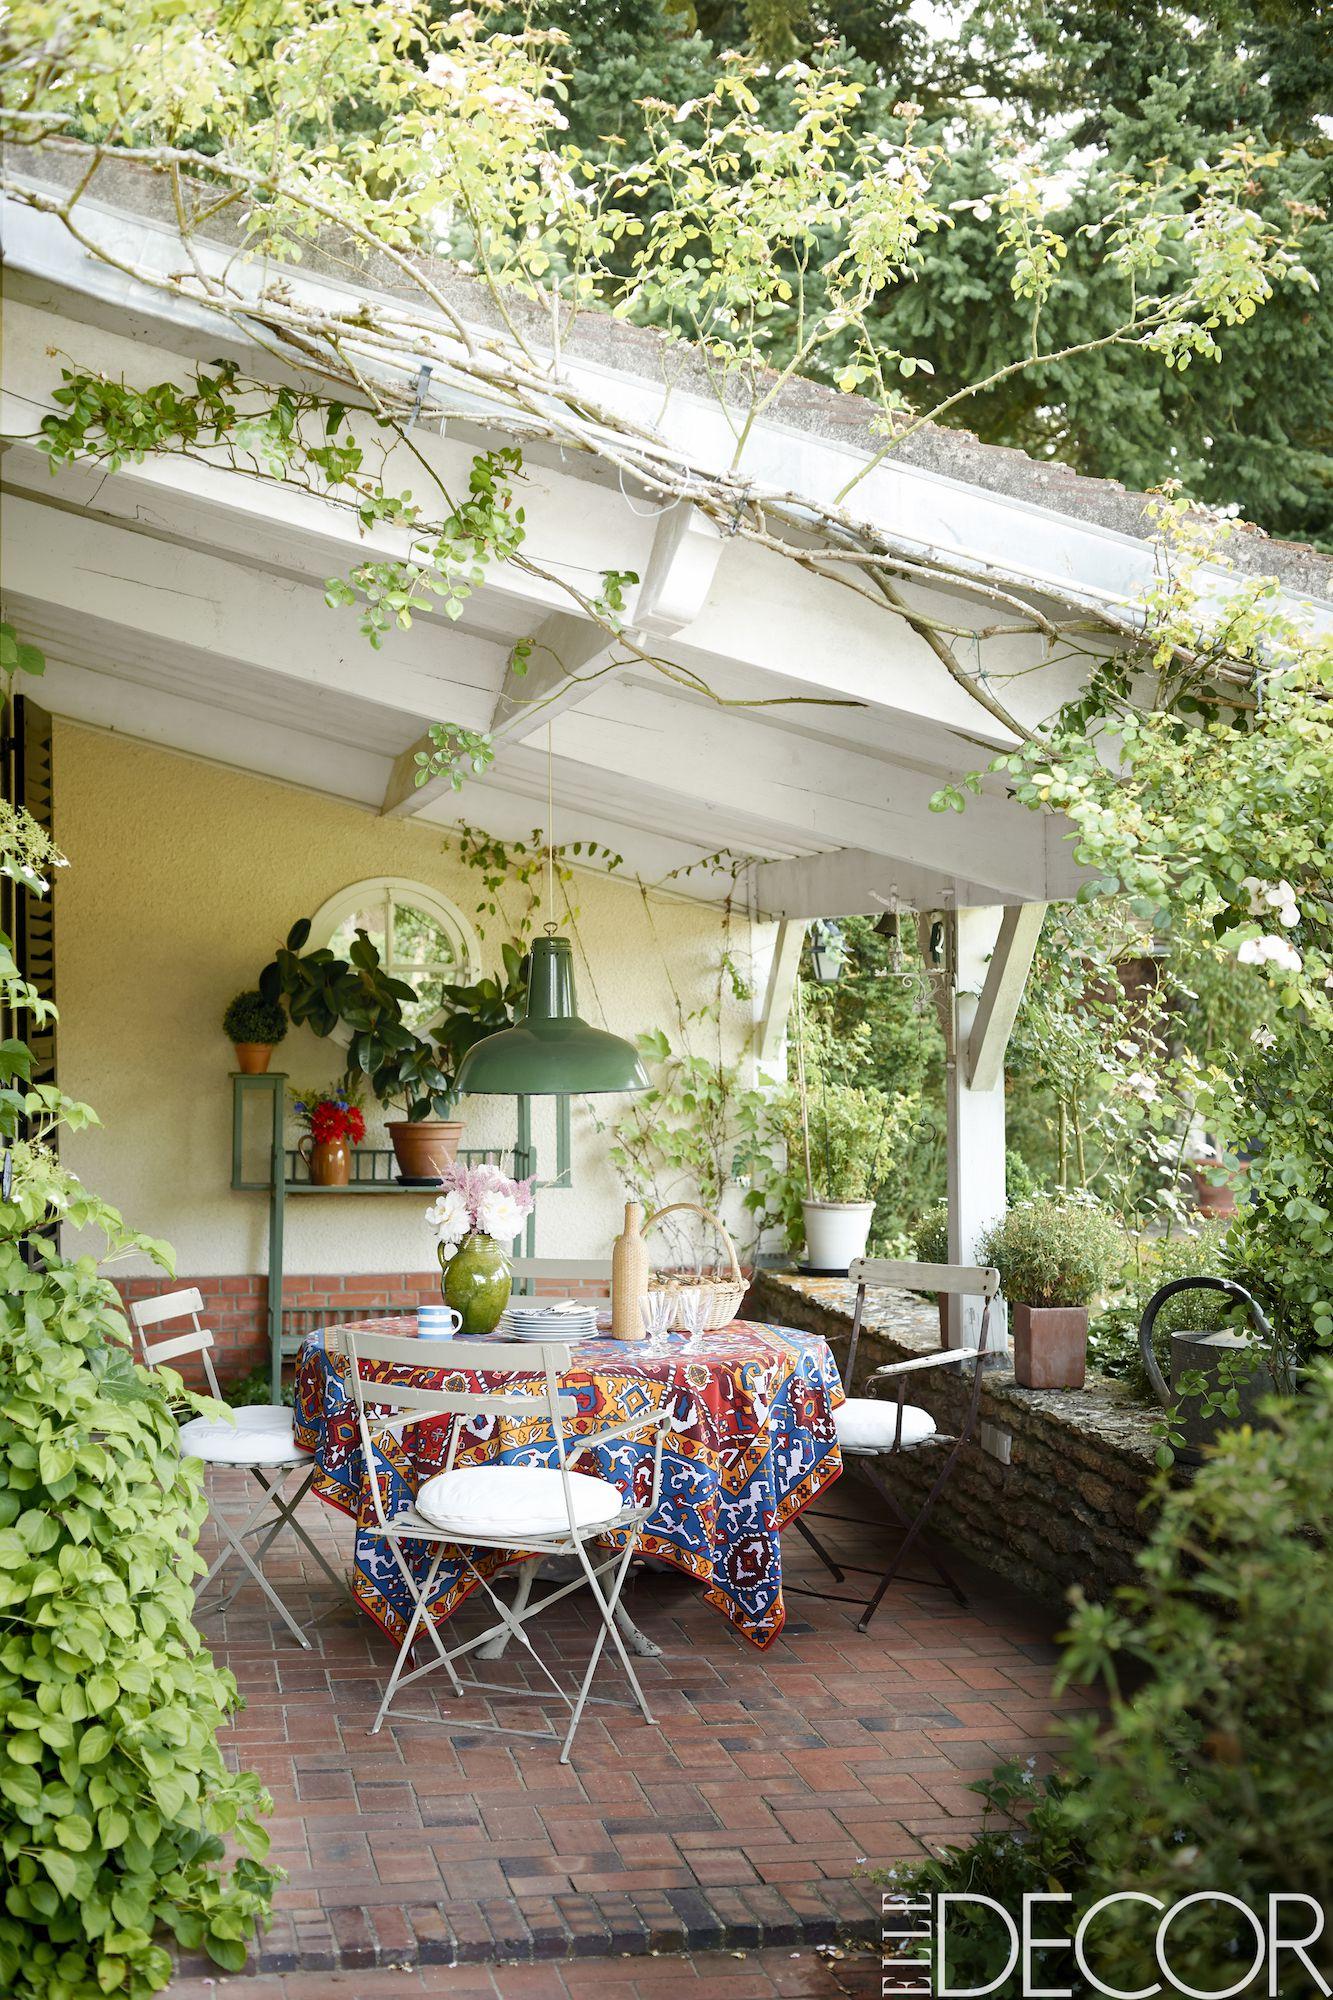 40 best small patio ideas - small patio furniture u0026 design VFOZBYN